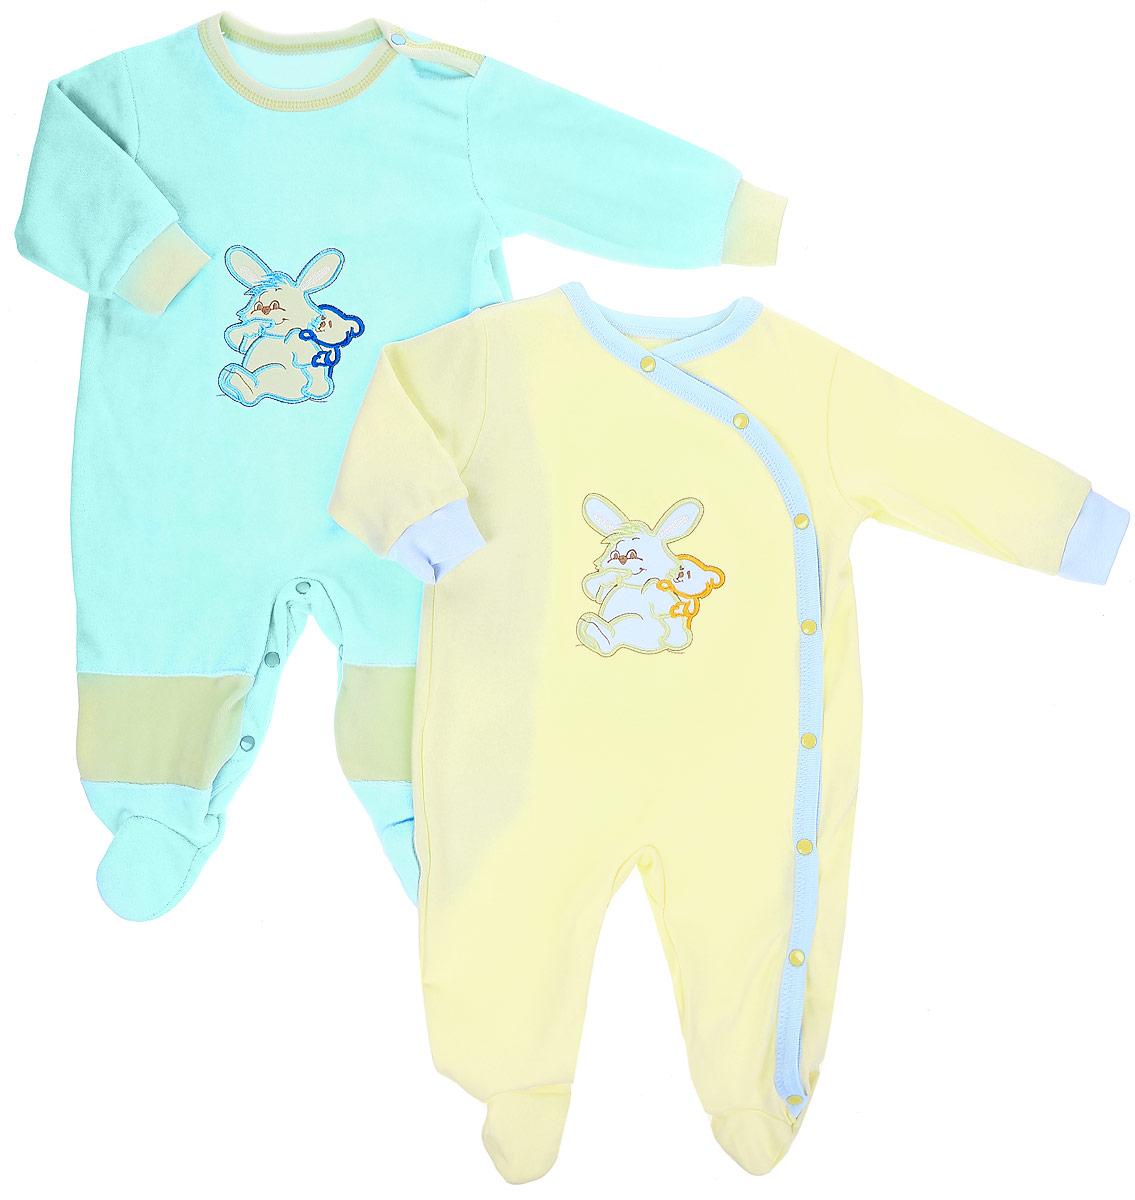 Комбинезон детский Клякса, цвет: голубой, желтый, 2 шт. 37-53. Размер 6837-53Детские комбинезоны Клякса выполнены из натурального хлопка. Комбинезоны с круглым вырезом горловины, длинными рукавами и закрытыми ножками. Один комбинезон имеет застежки-кнопки на плече и между ножек, второй - спереди вдоль комбинезона. Удобные застежки помогают легко переодеть младенца или сменить подгузник. Изделия оформленывышивкой с изображением кролика.